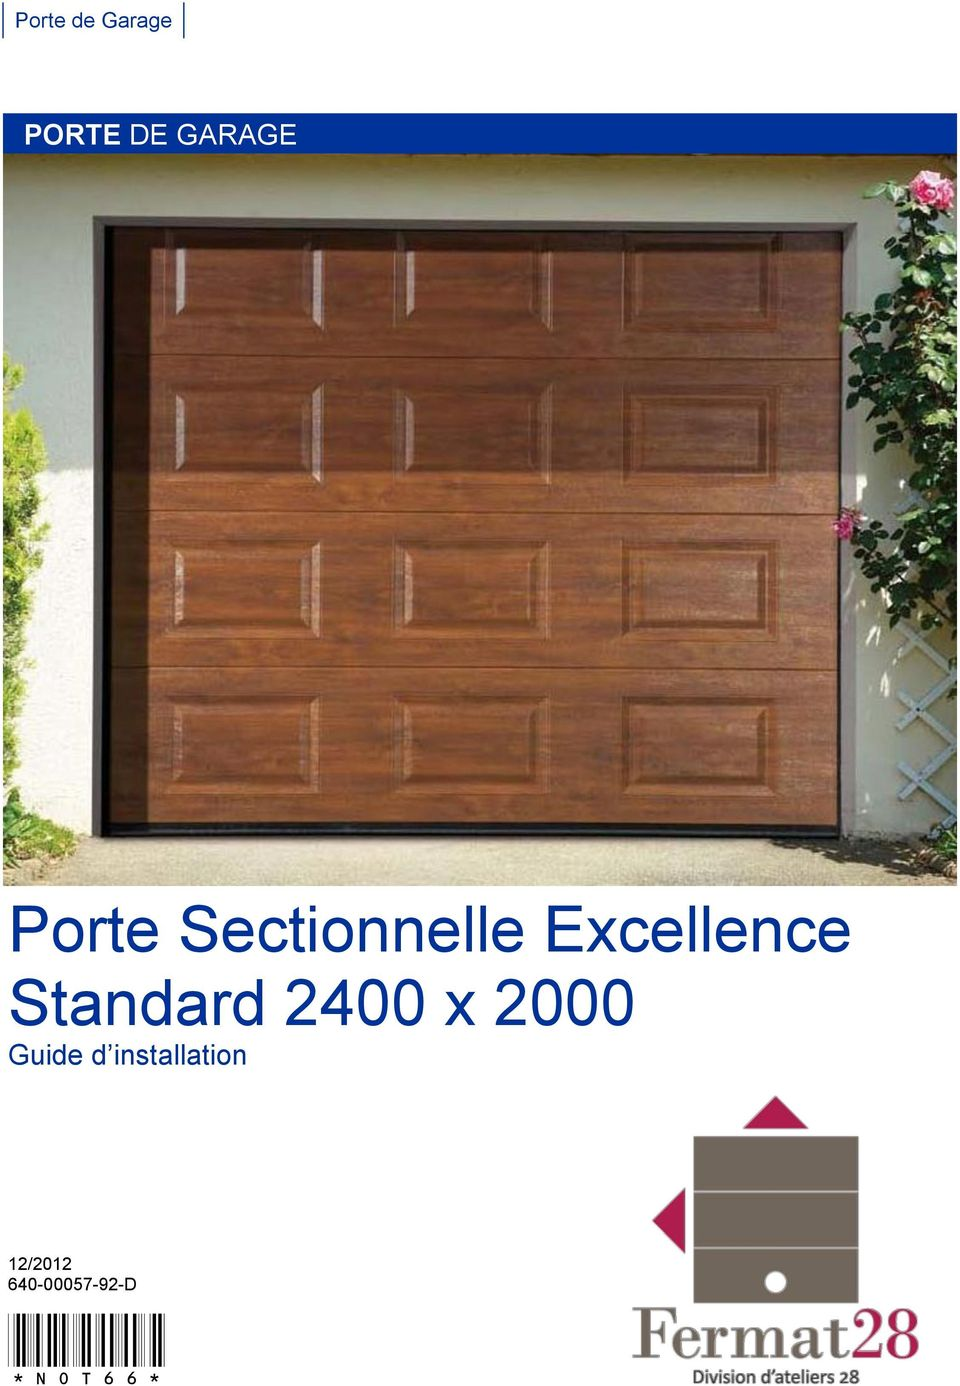 Porte de garage sectionnelle excellence